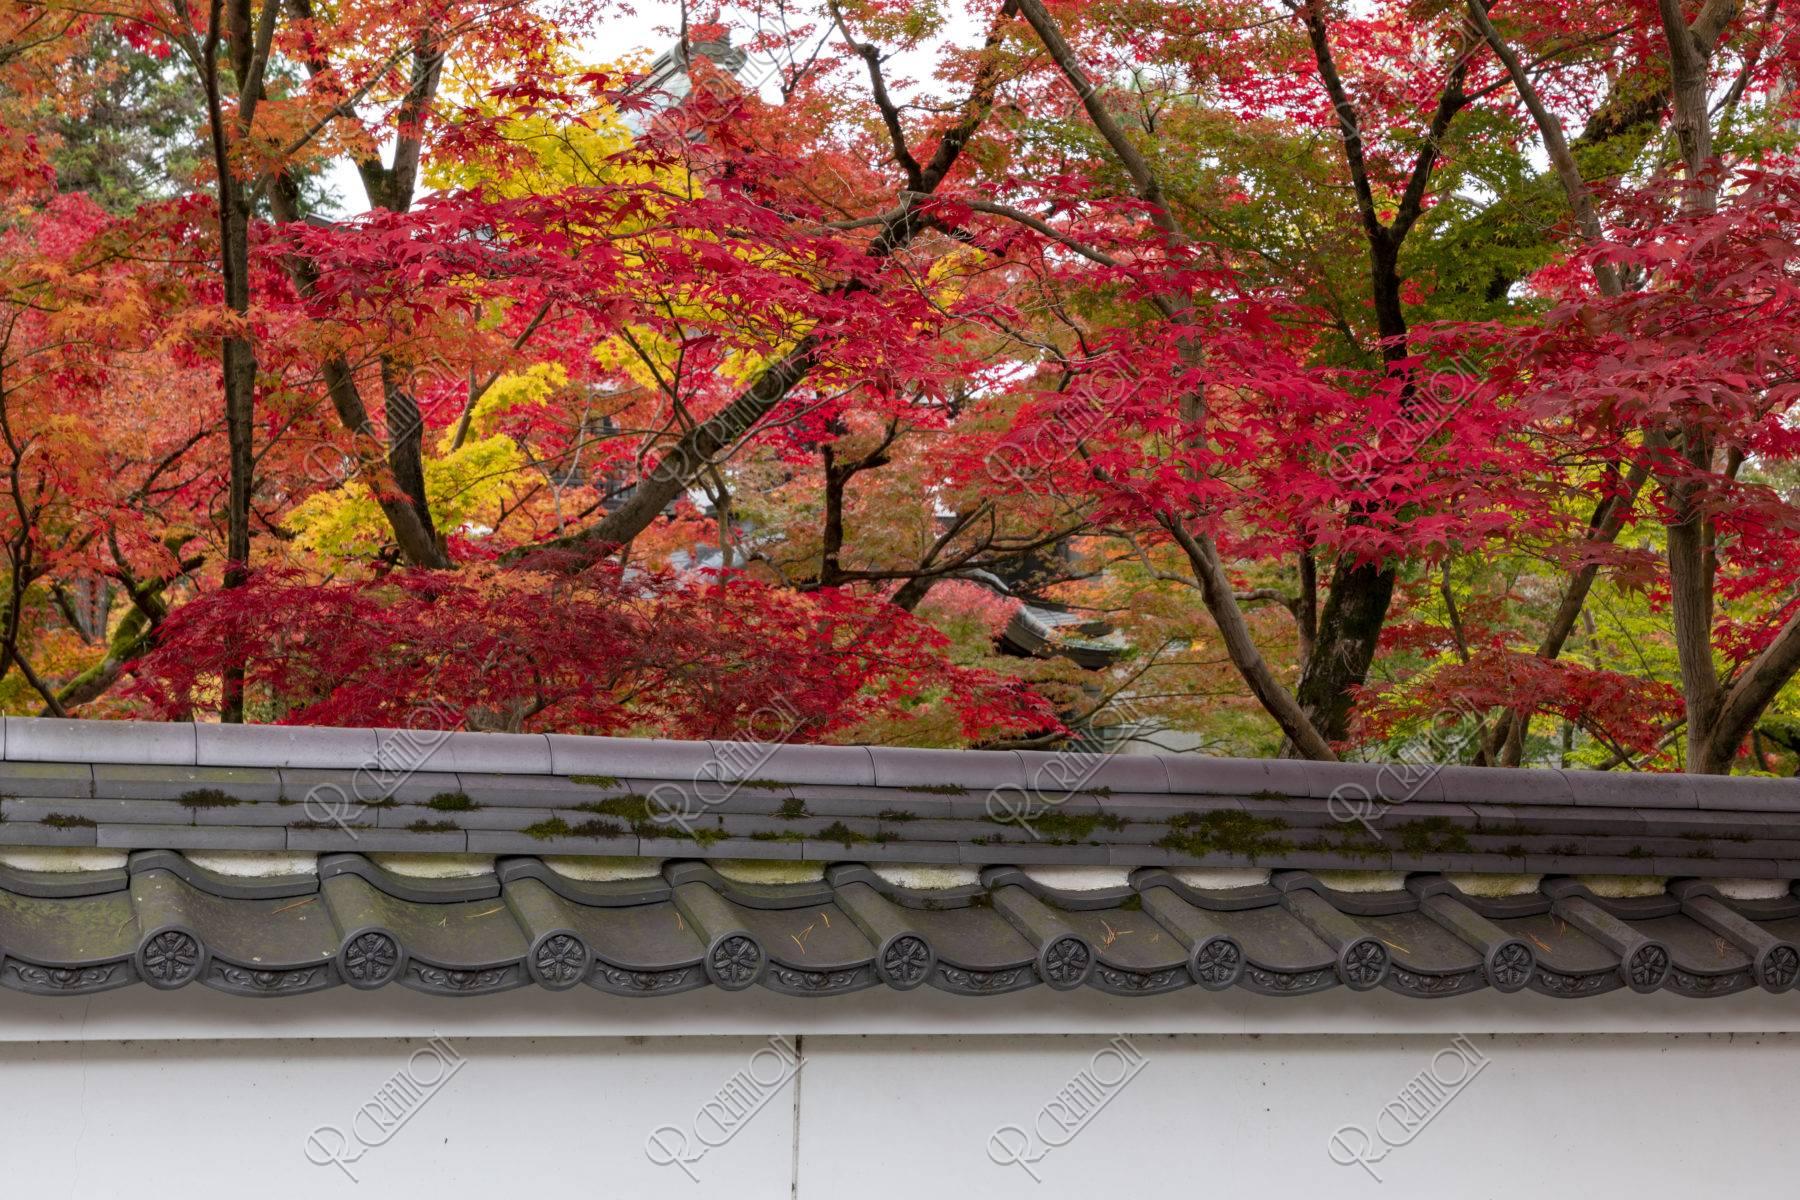 永観堂禅林寺 土塀と紅葉